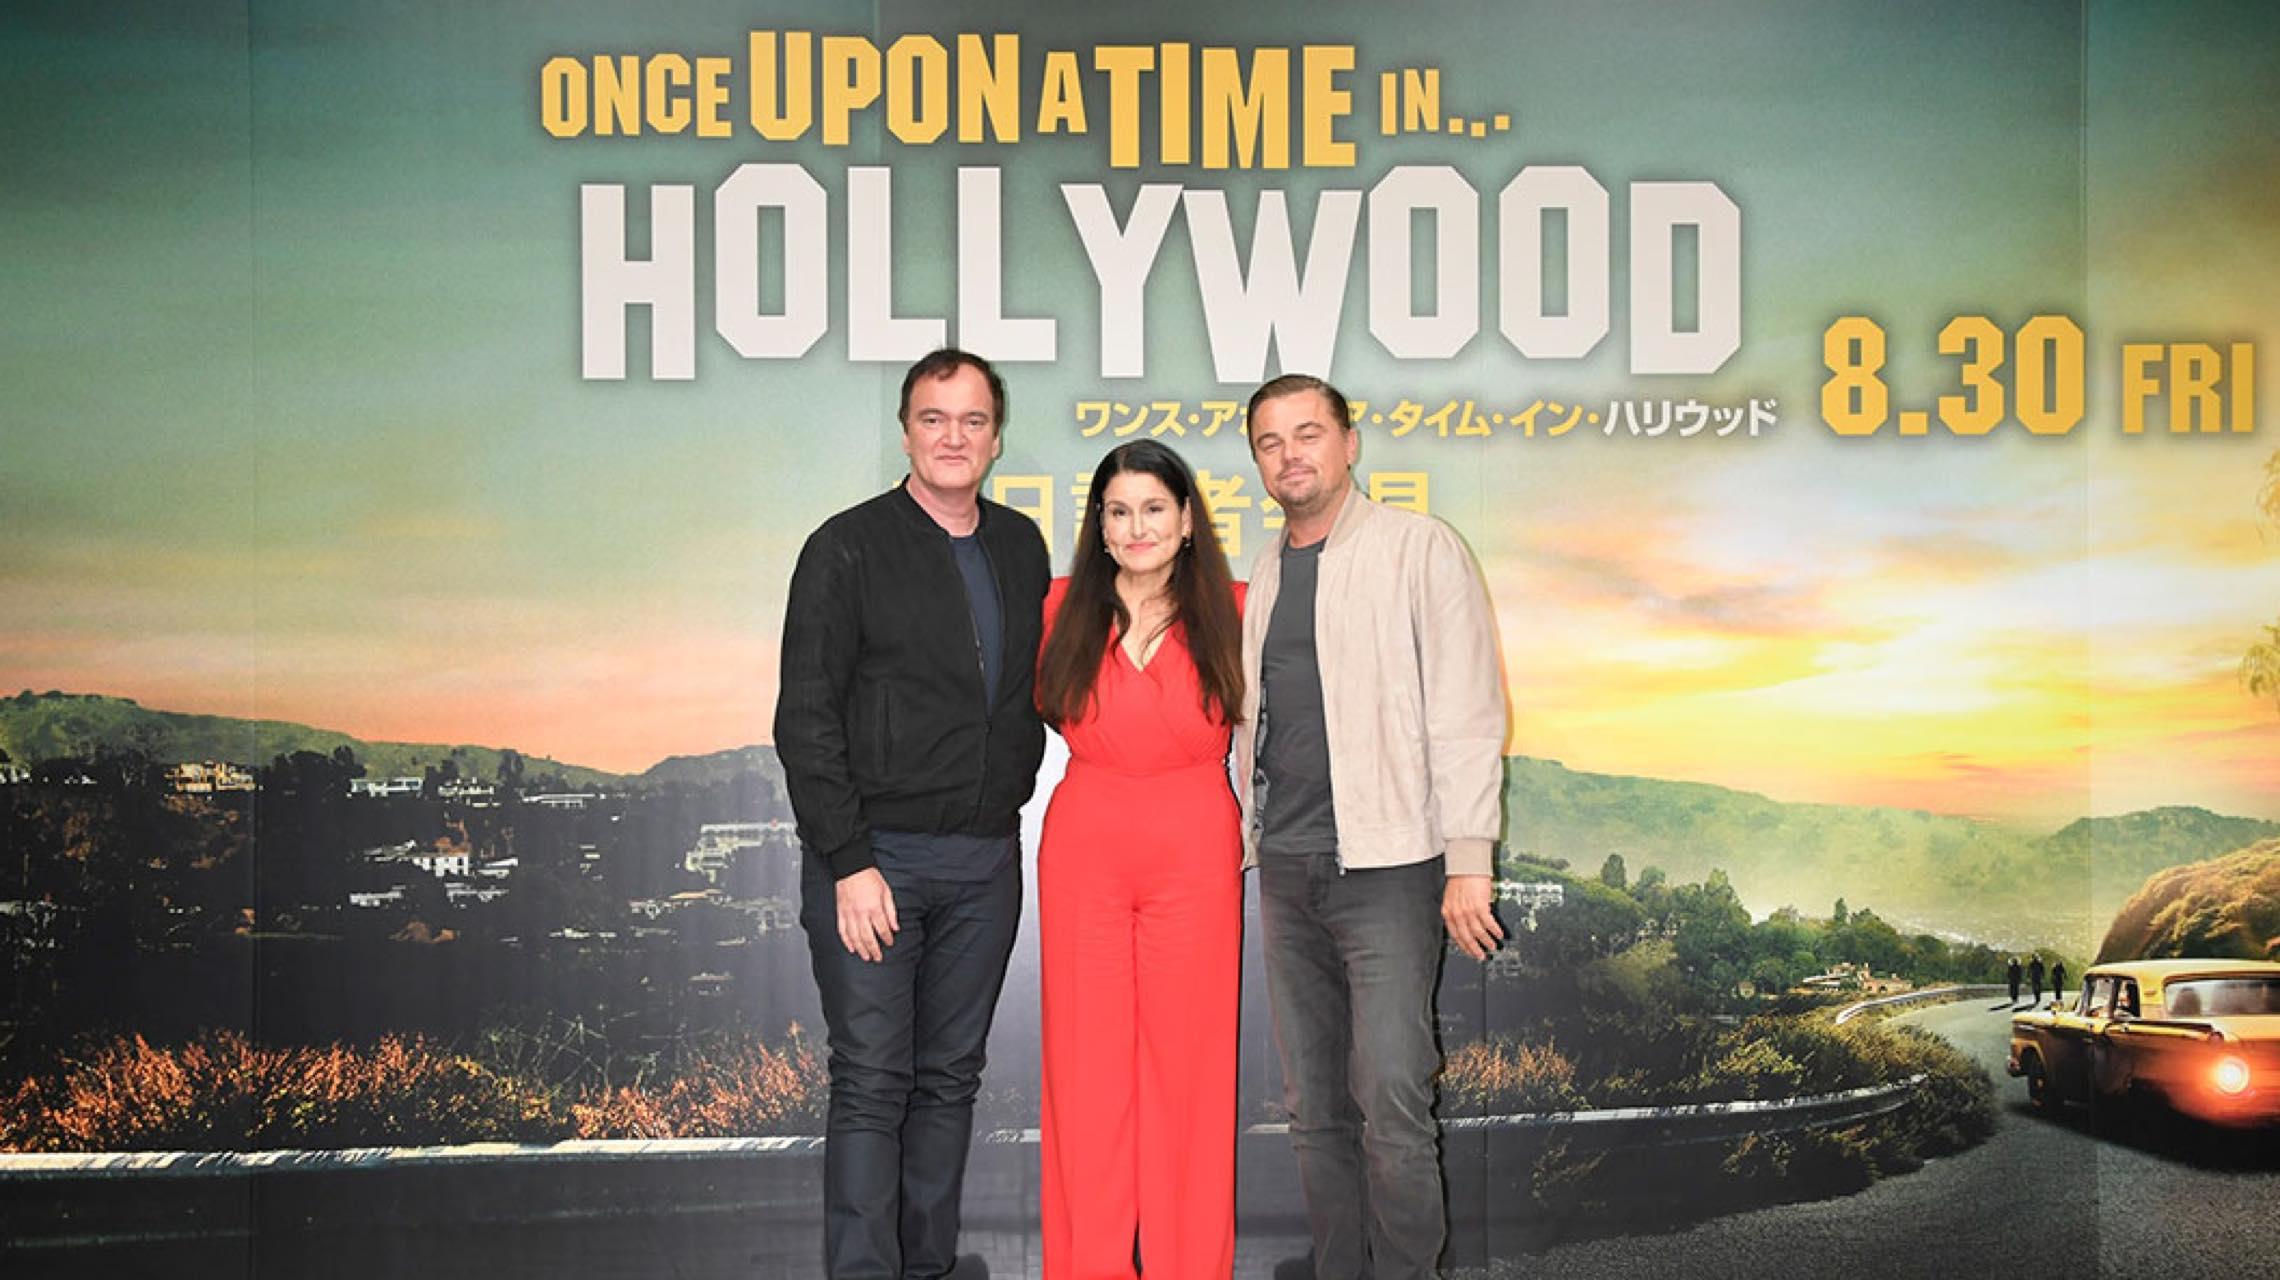 話題作『ワンス・アポン・ア・タイム・イン・ハリウッド』は何がすごいのか? 来日会見レポート